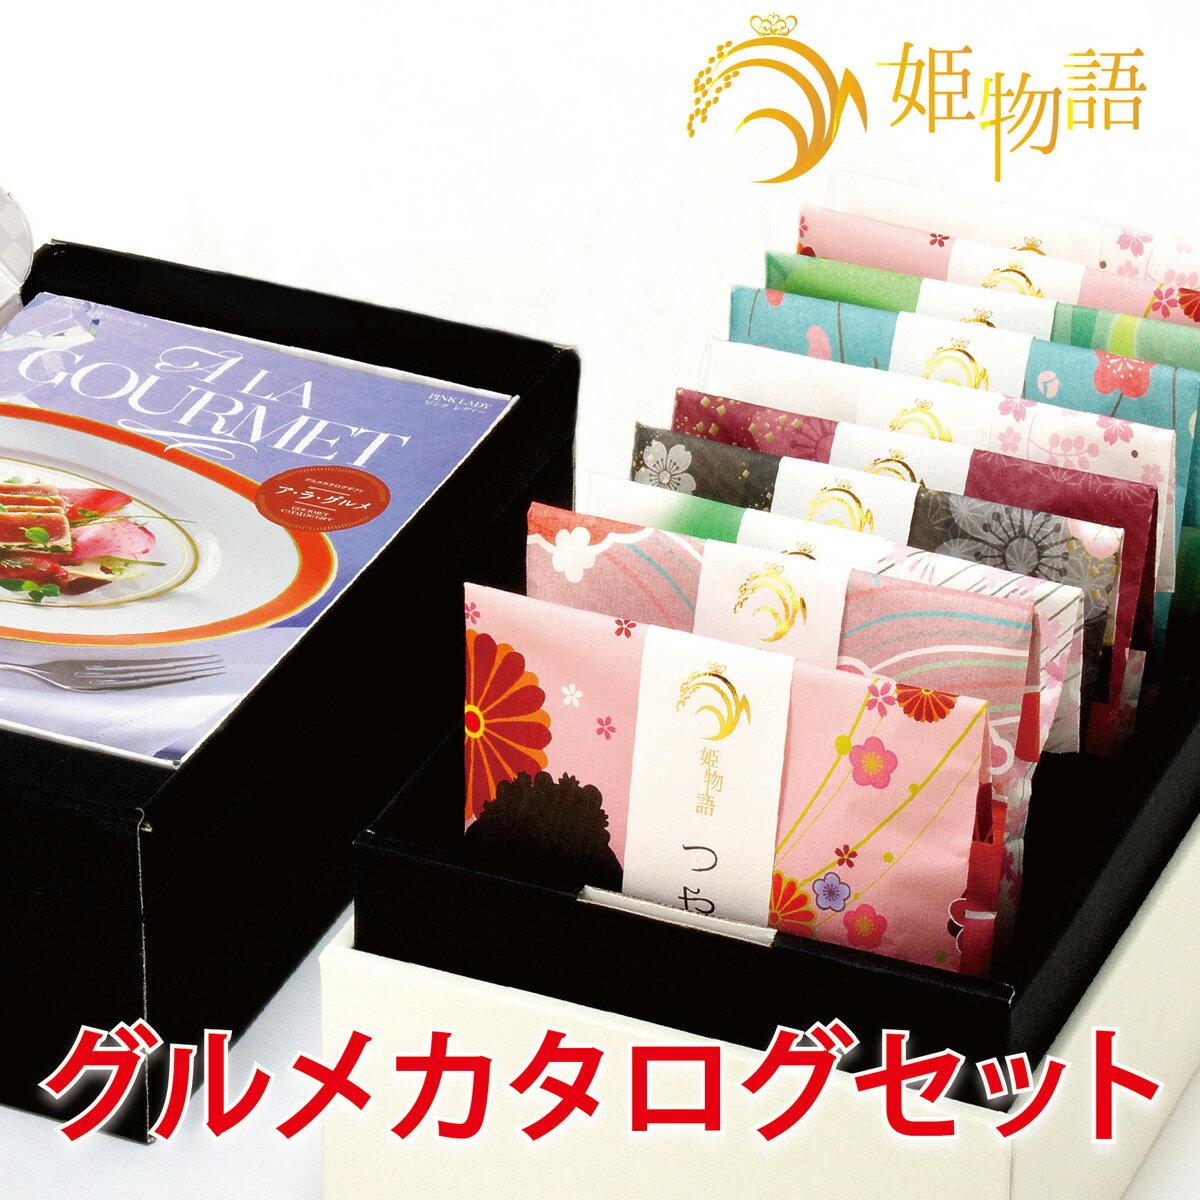 カタログギフト と 姫物語 のセット (スノウ ボール) 出産内祝い 内祝い 結婚内祝い 引出物 快気祝い 引き出物 他の ギフトに 日本の銘米 の姉妹品 送料無料